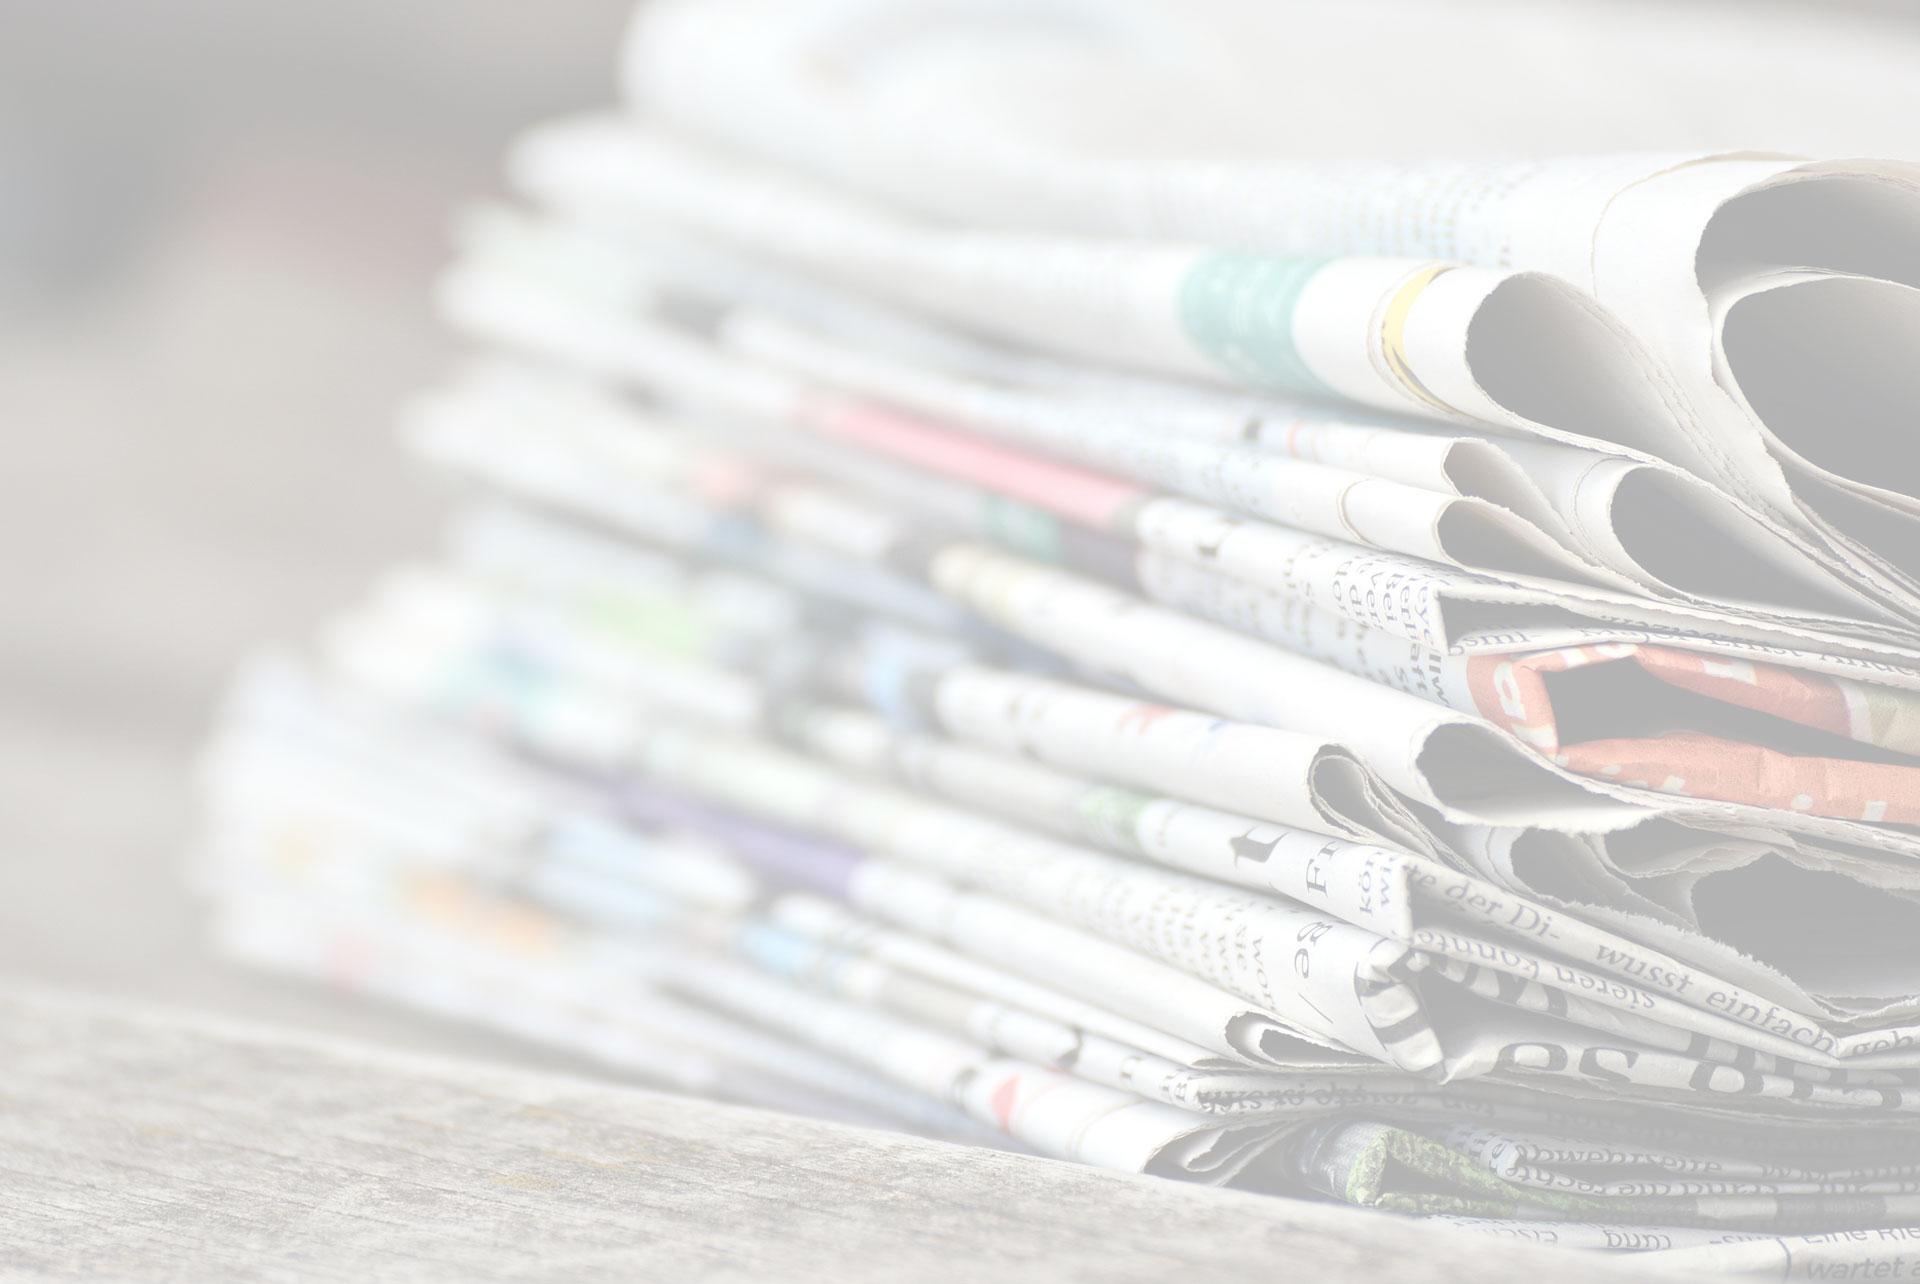 scegliere migliore assicurazione sanitaria